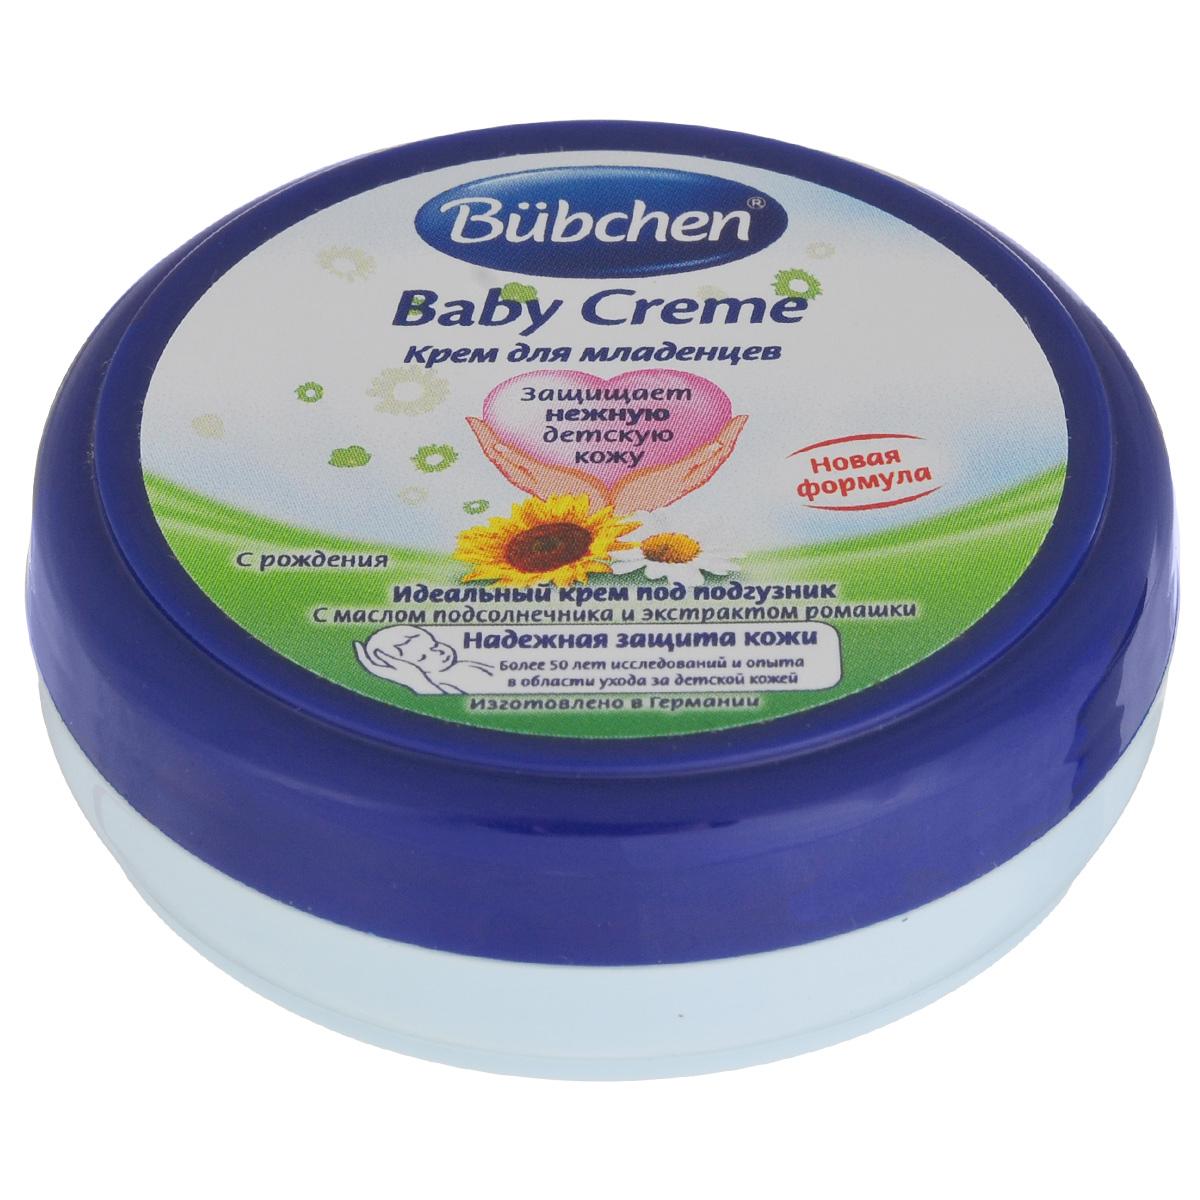 Bubchen Крем под подгузник, с маслом подсолнечника и экстрактом ромашки, 20 мл